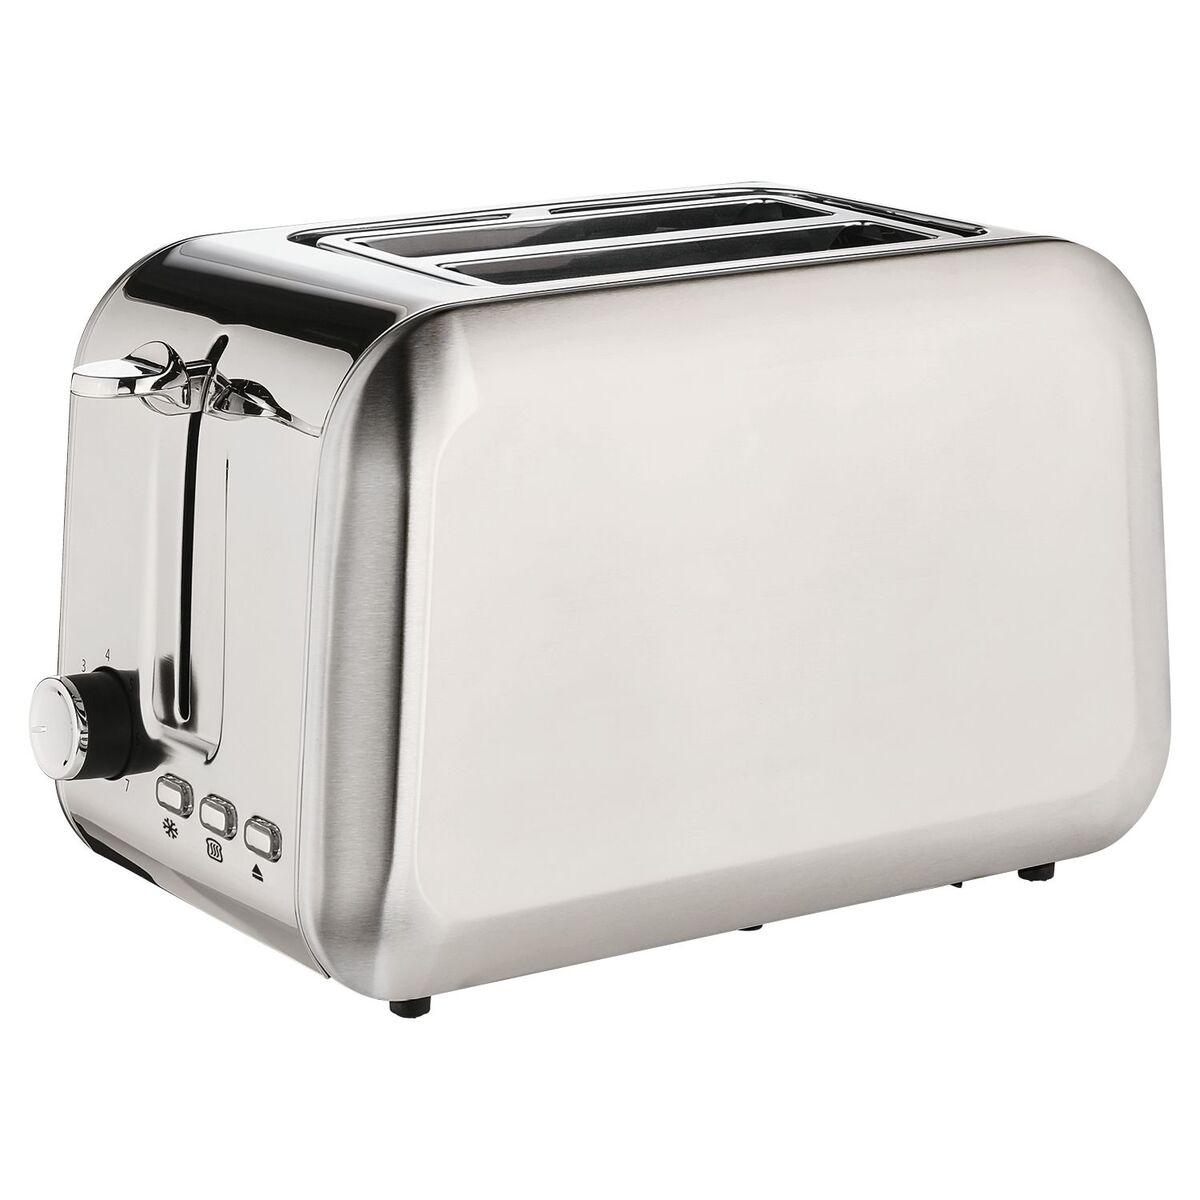 Bild 2 von AMBIANO®  Edelstahl-Toaster